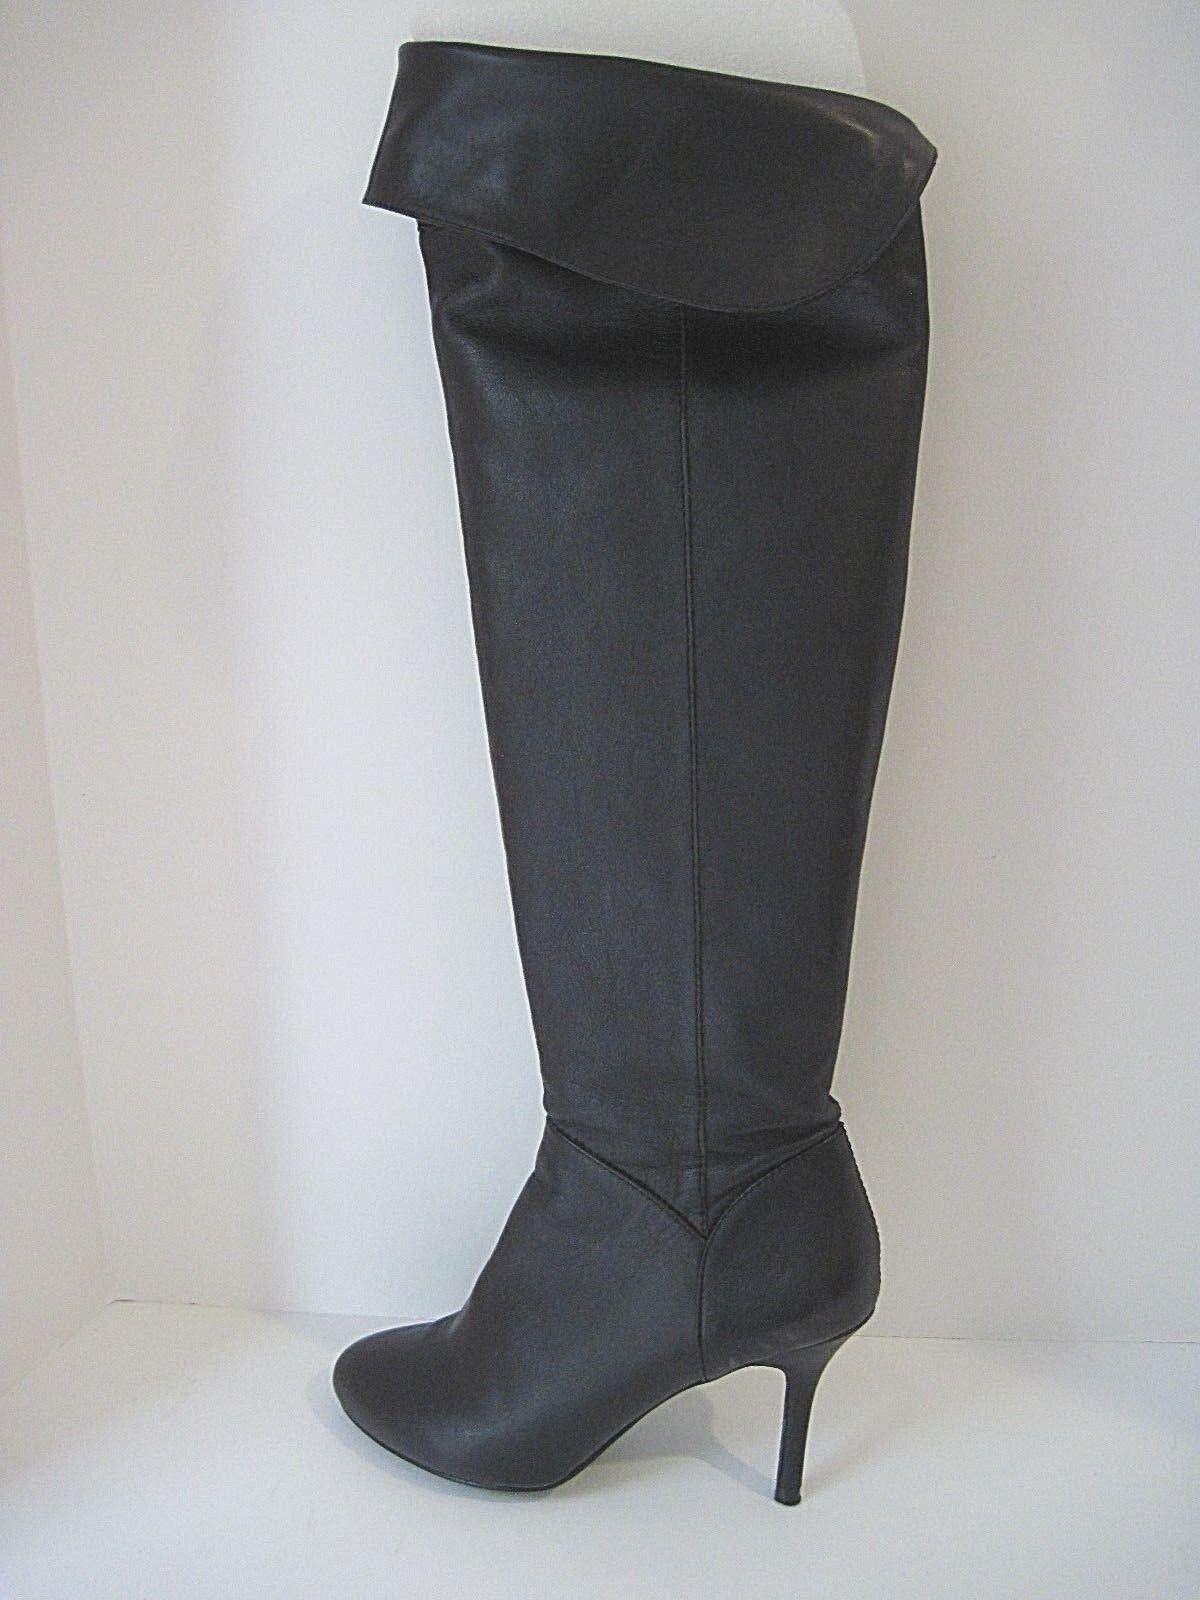 ZARA WOMAN  Black Leather Tall Over Knee Half Zip Heel  Boot  Size 39